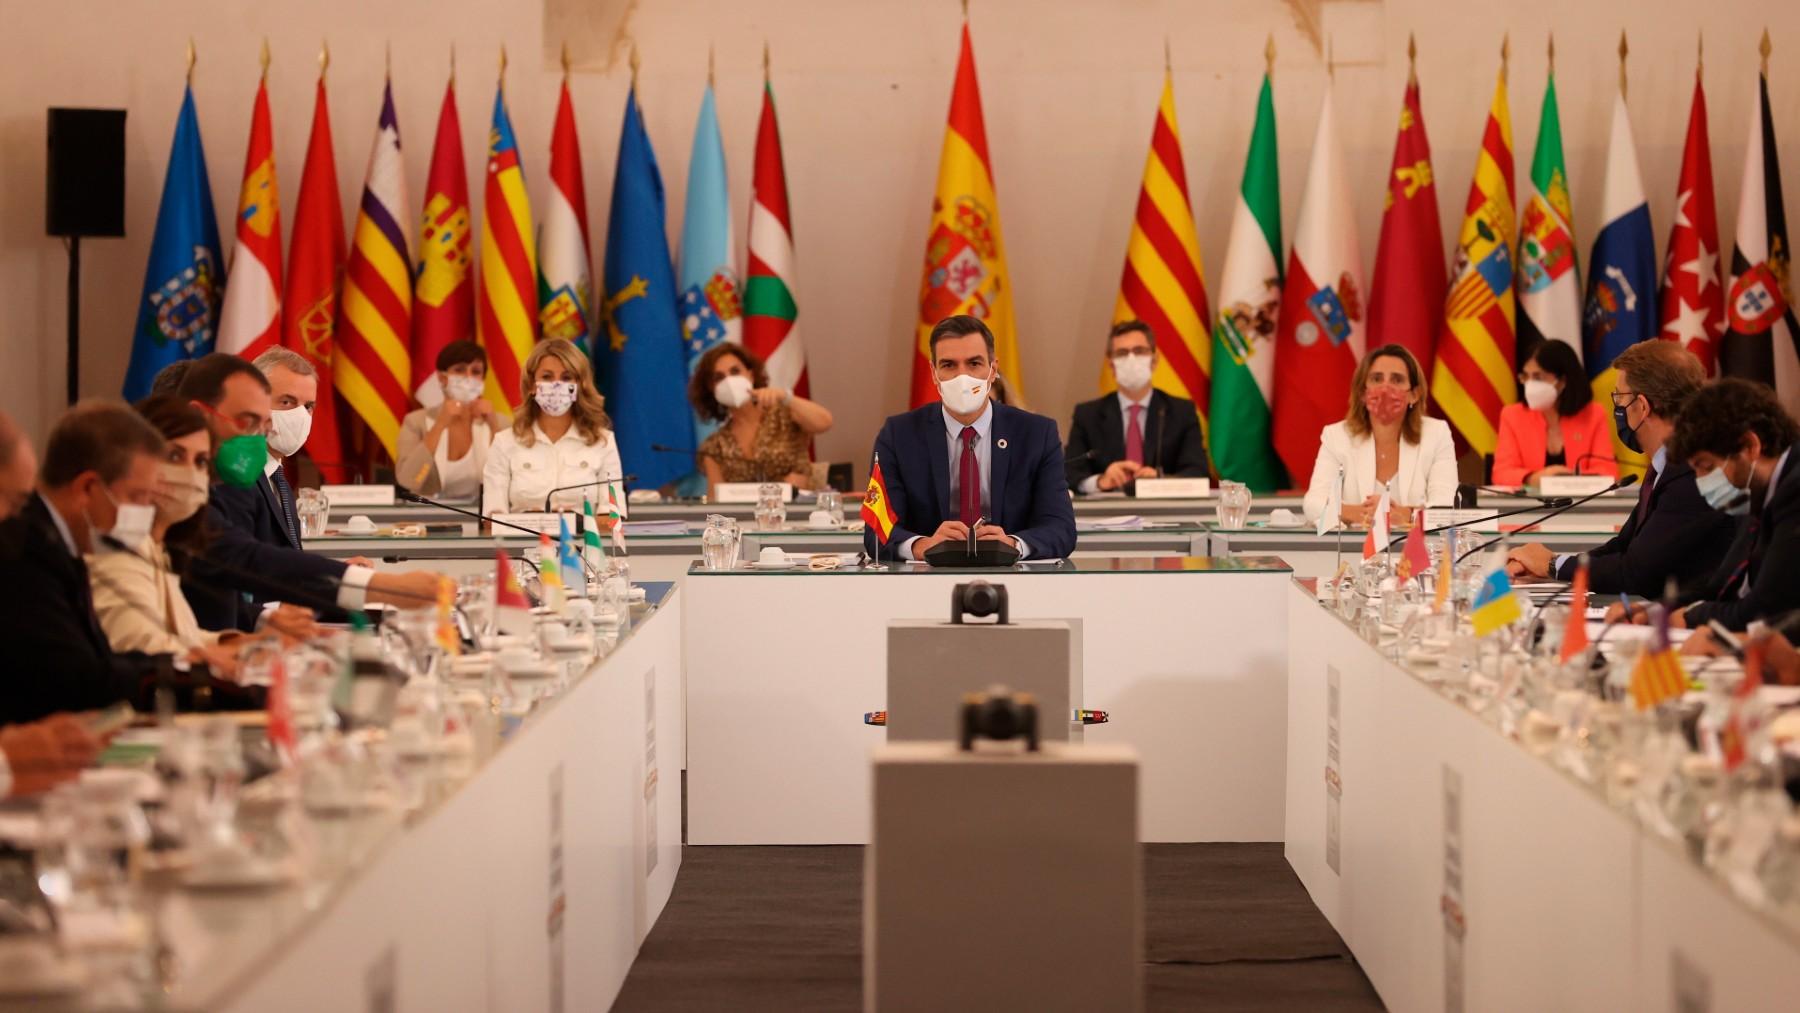 La XXIV Conferencia de Presidentes presidida por Pedro Sánchez. (Foto: Efe)